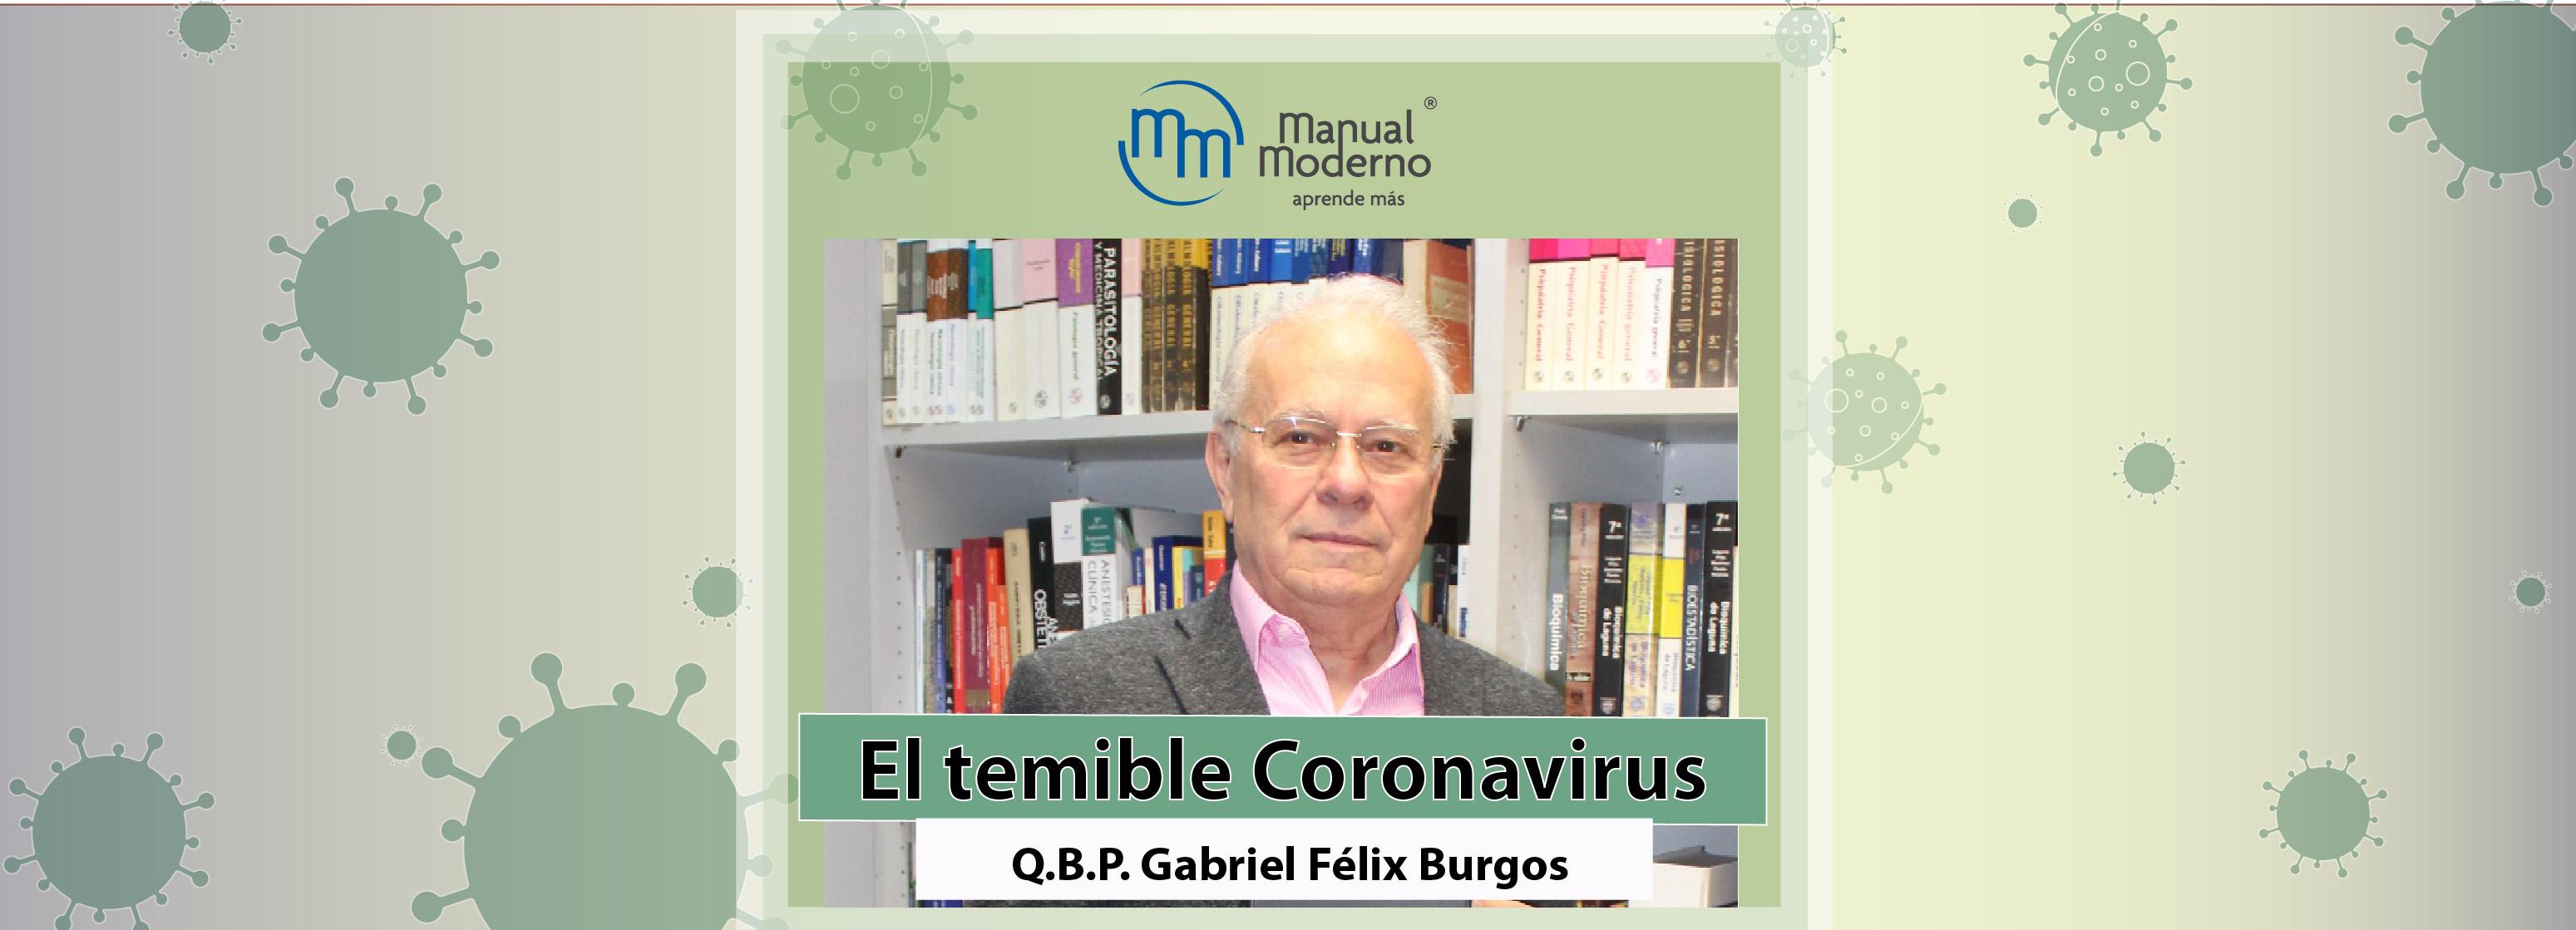 El temible Coronavirus